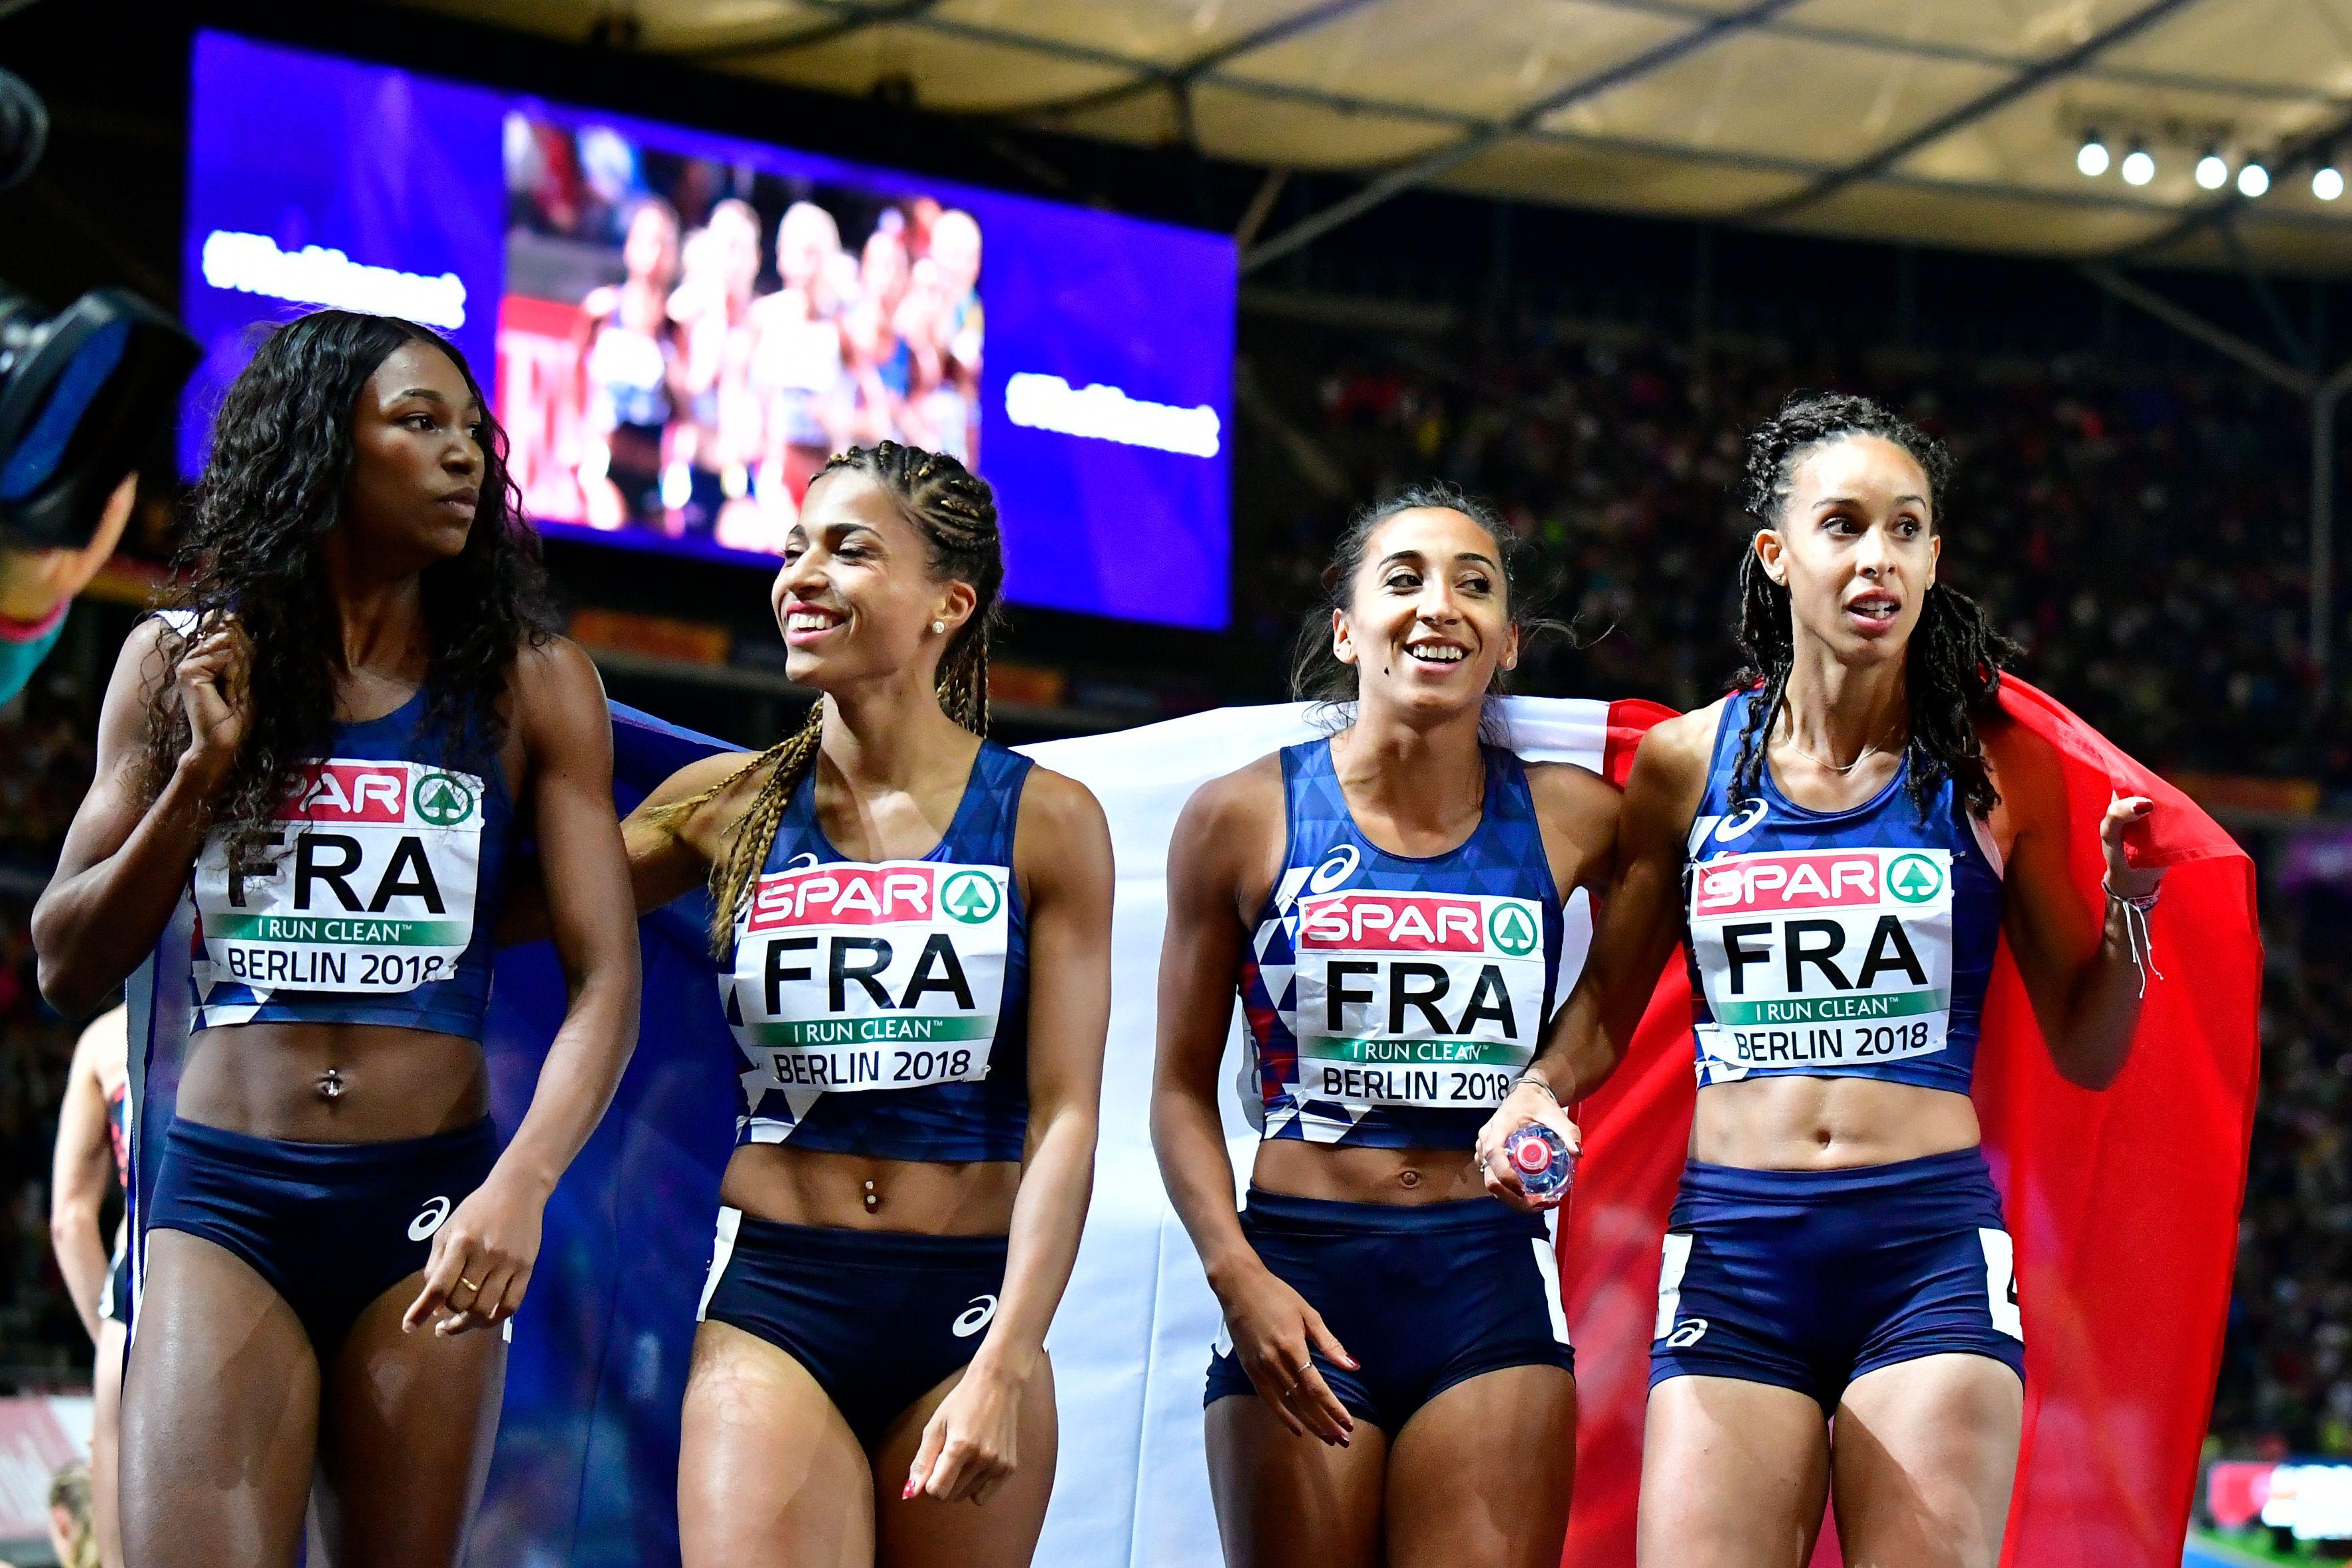 Athlétisme - Le relais 4x400m féminin en argent